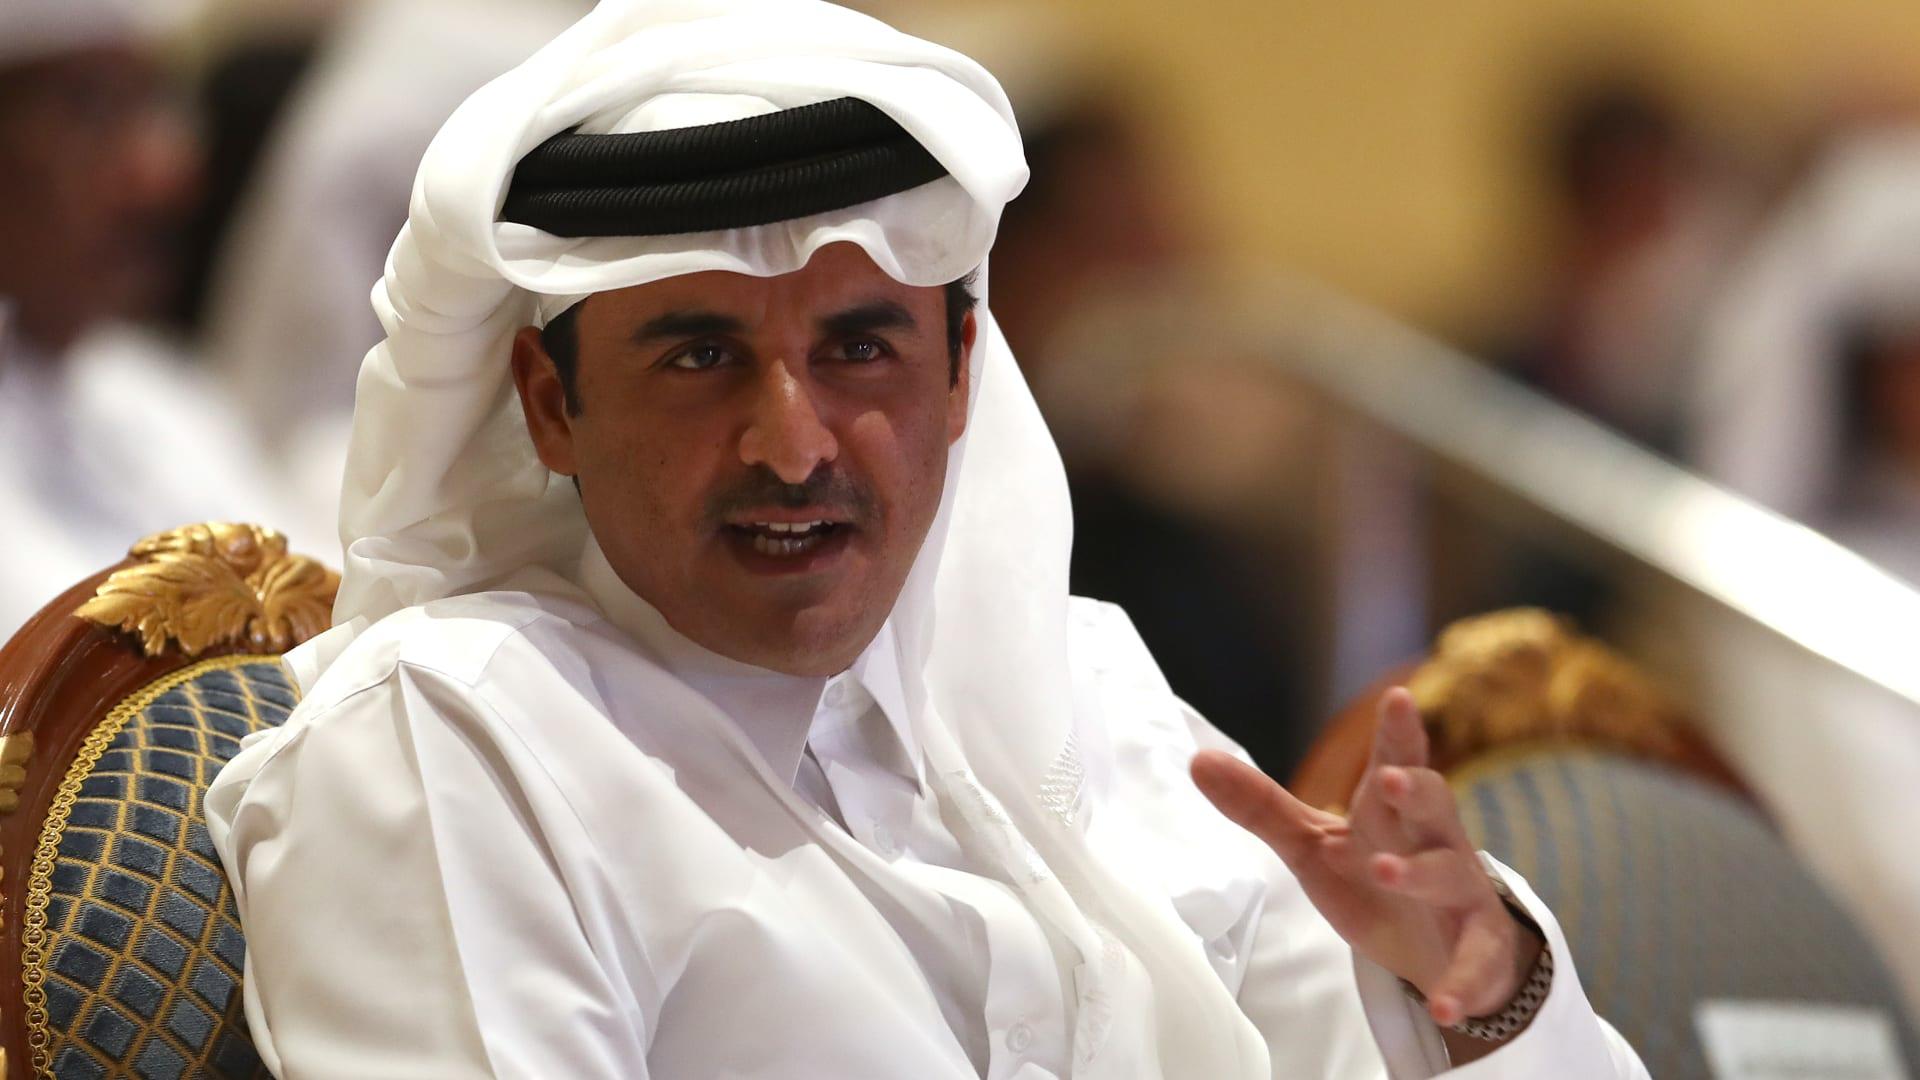 أمير قطر يحدد موعد أول انتخابات لمجلس الشورى.. ورئيس الوزراء: القطريون متساوون